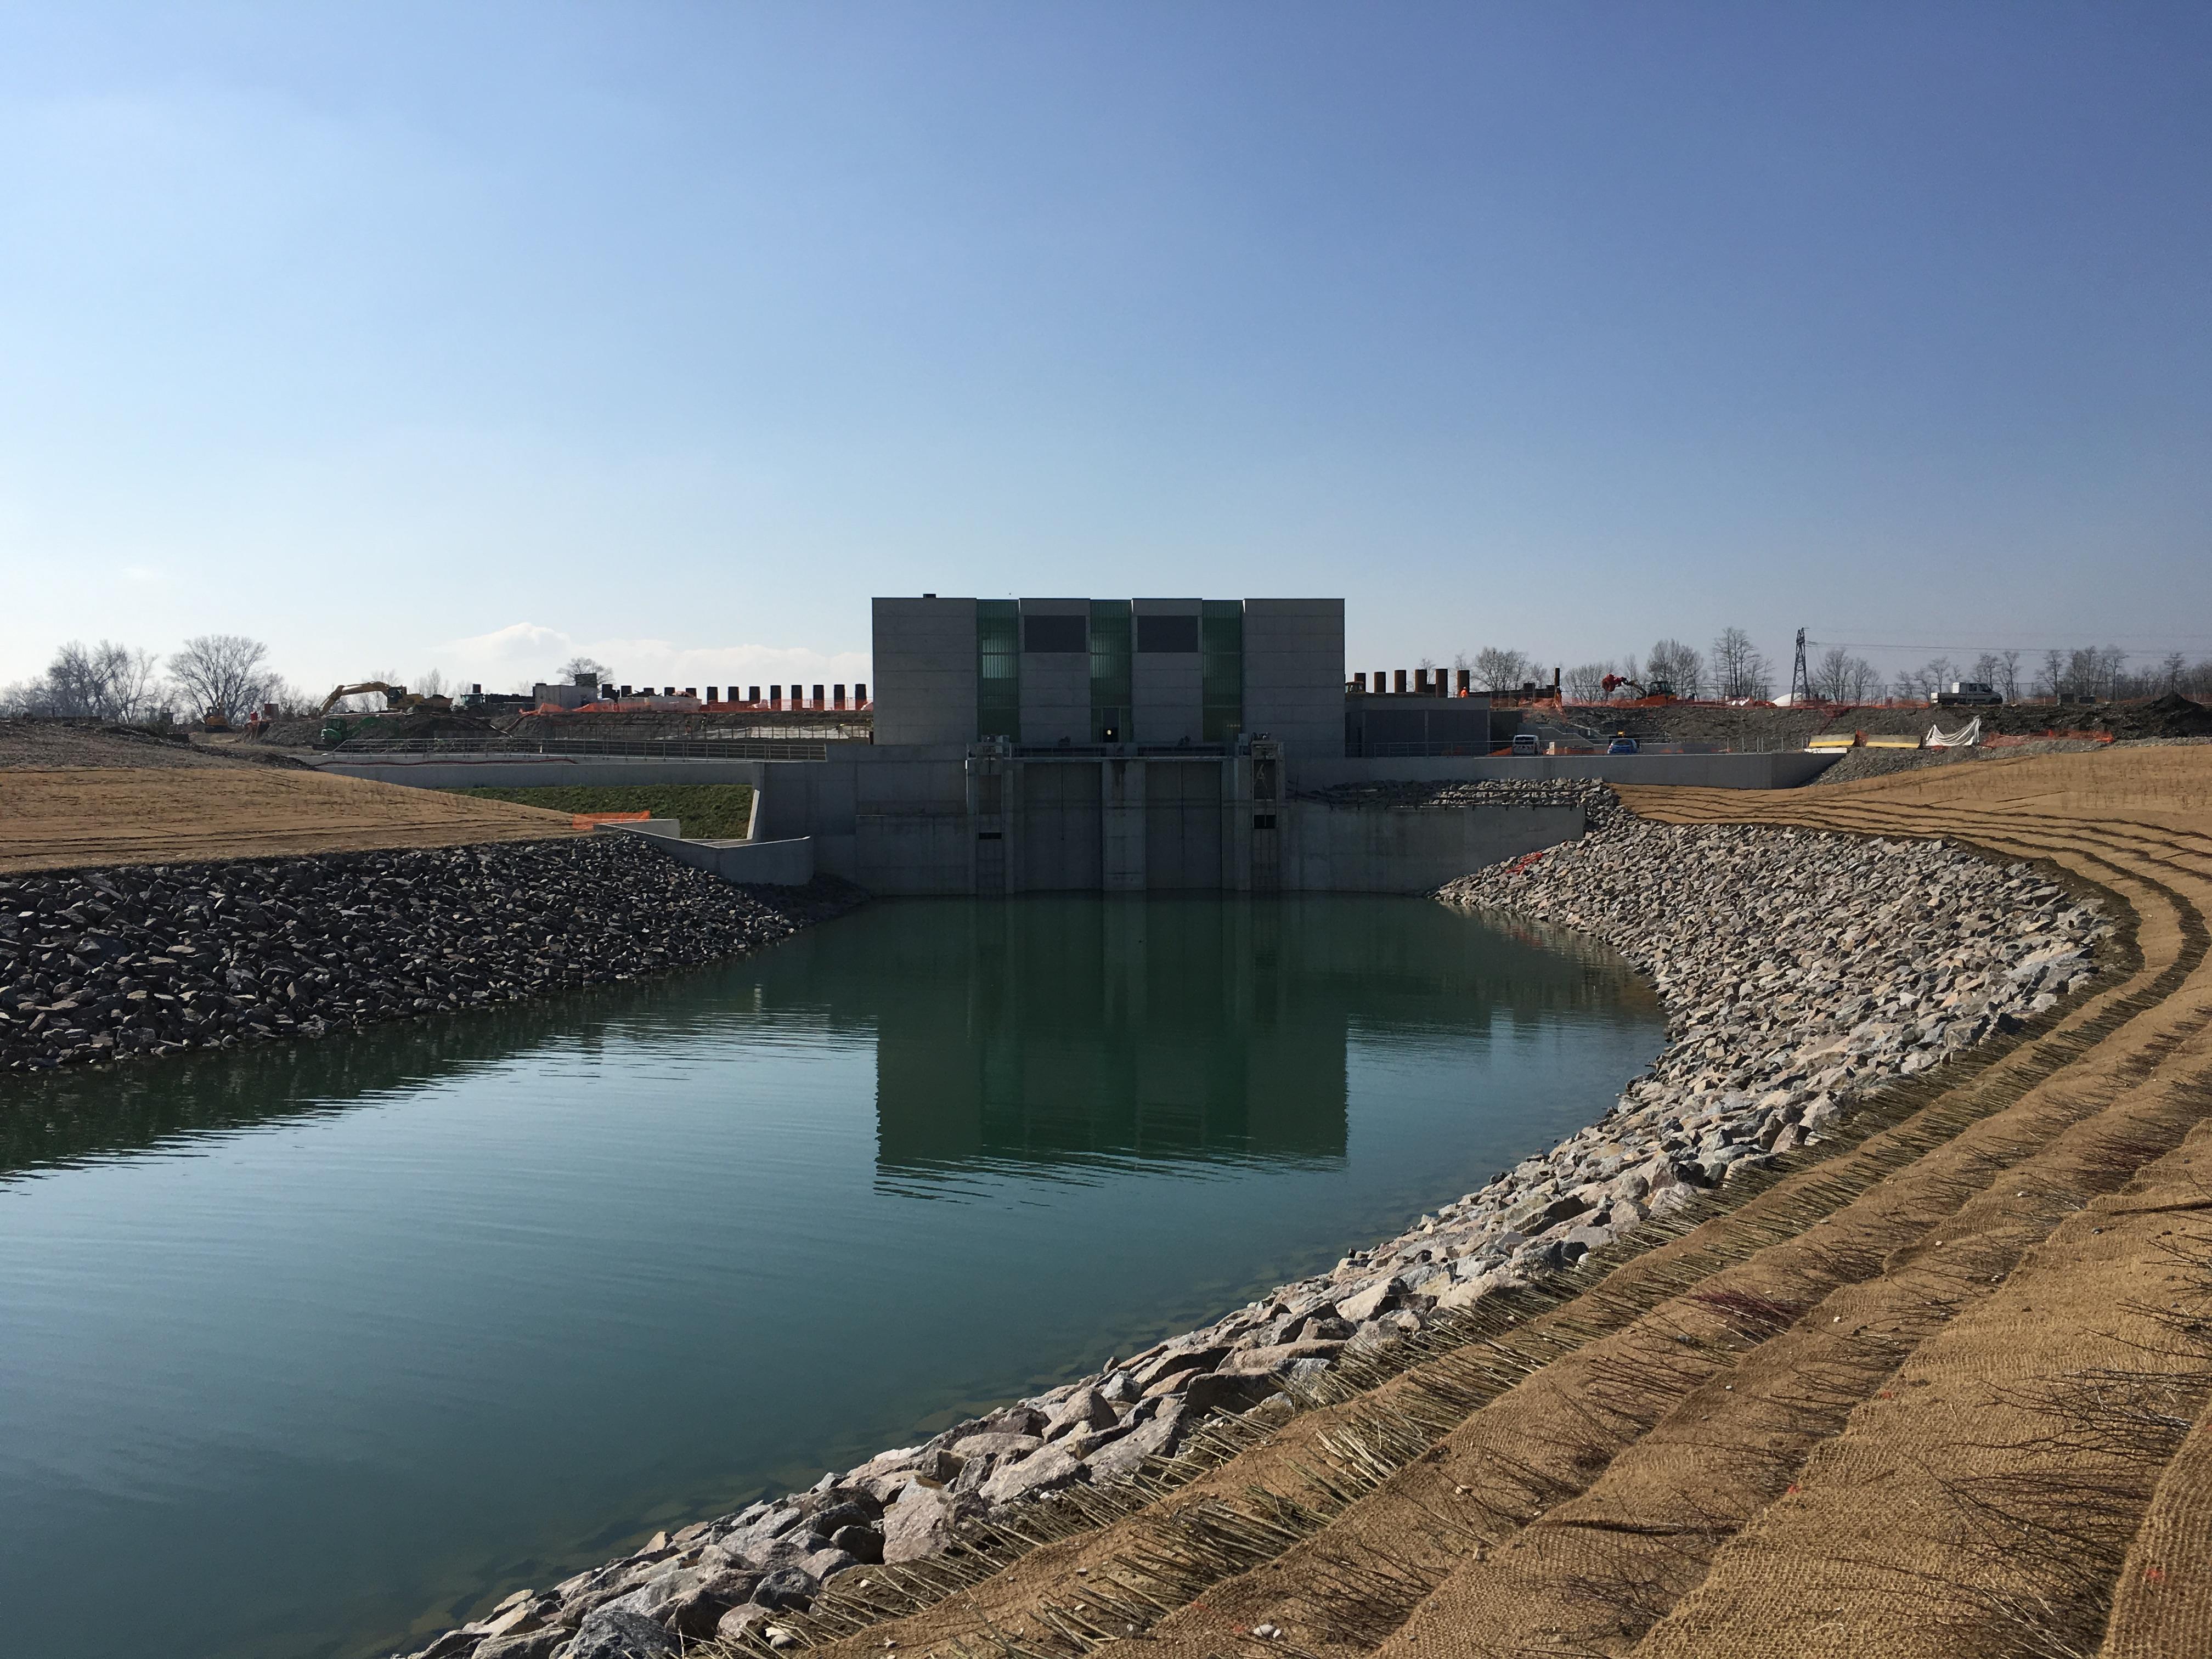 EDF - CIH, BARRAGE de KEMBS (68) Construction d'une nouvelle centrale de turbinage et restitution et des passes à poissons, Implantation sur l'île du Rhin entre le Grand Canal d'Alsace et le vieux Rhin